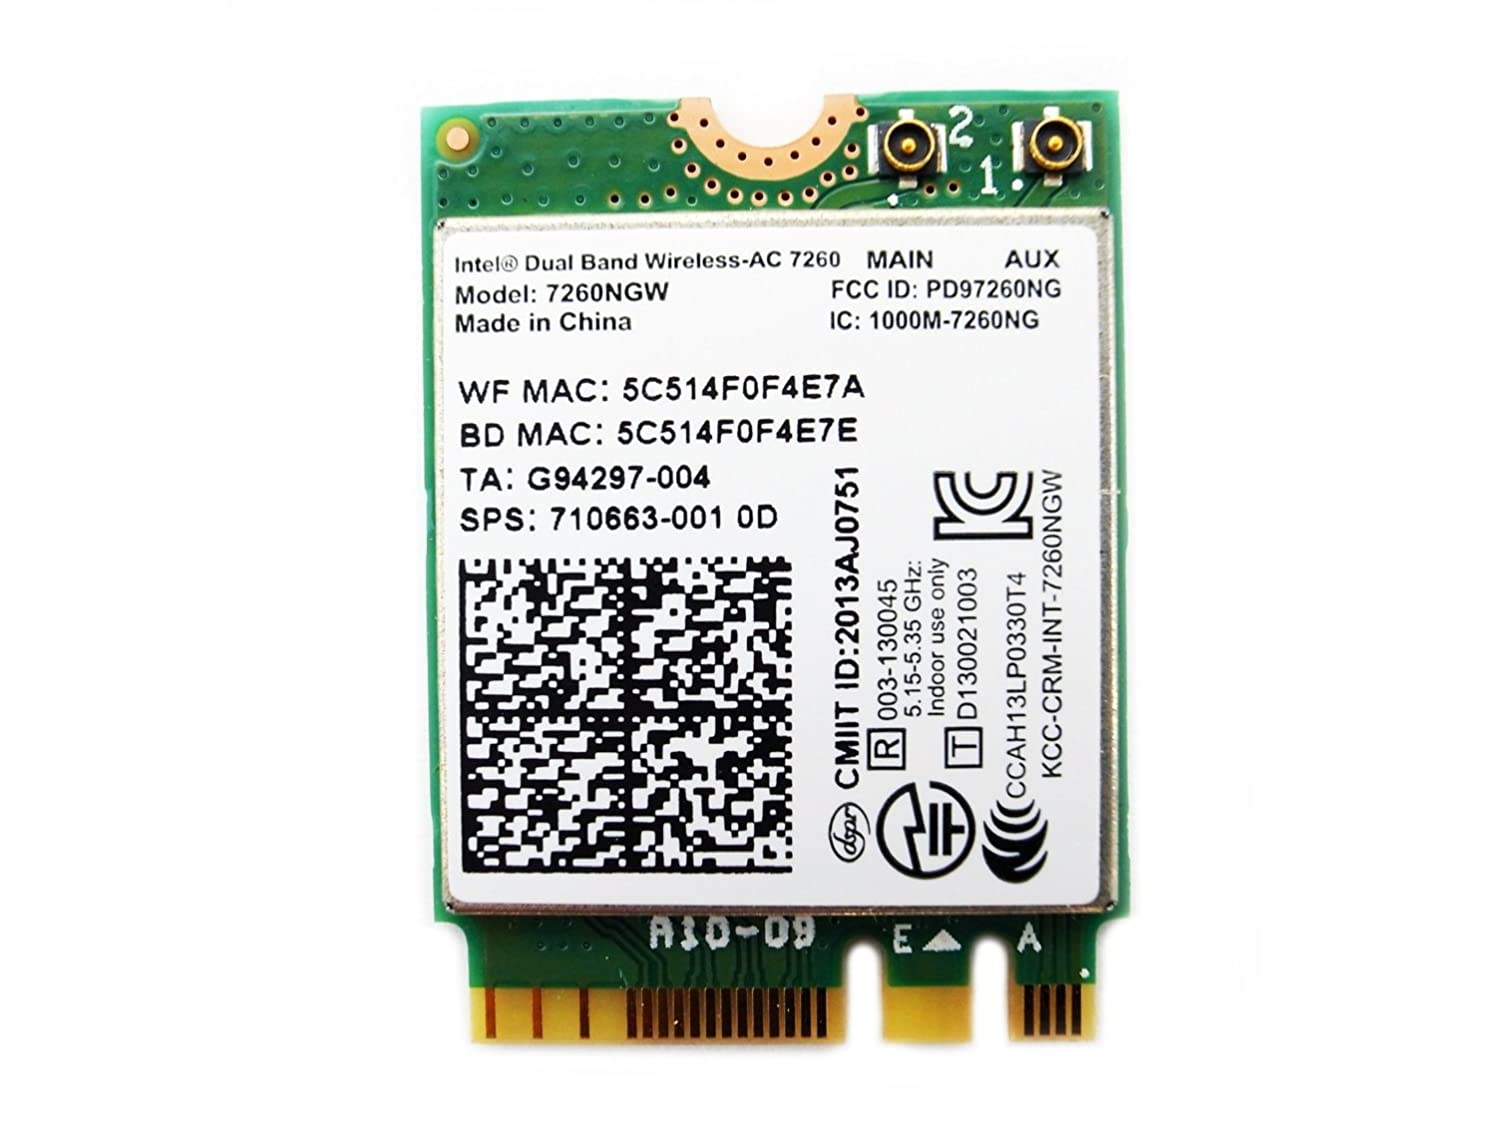 世界の窓辛な盗賊Intel デュアルバンド 高速 Wi-Fi 通信Band Wireless-802.11 AC Intel 7260NGW (NGFF) 最大リング867 Mbps+ Bluetooth 4.0 無線LANカード EnlargeCorp